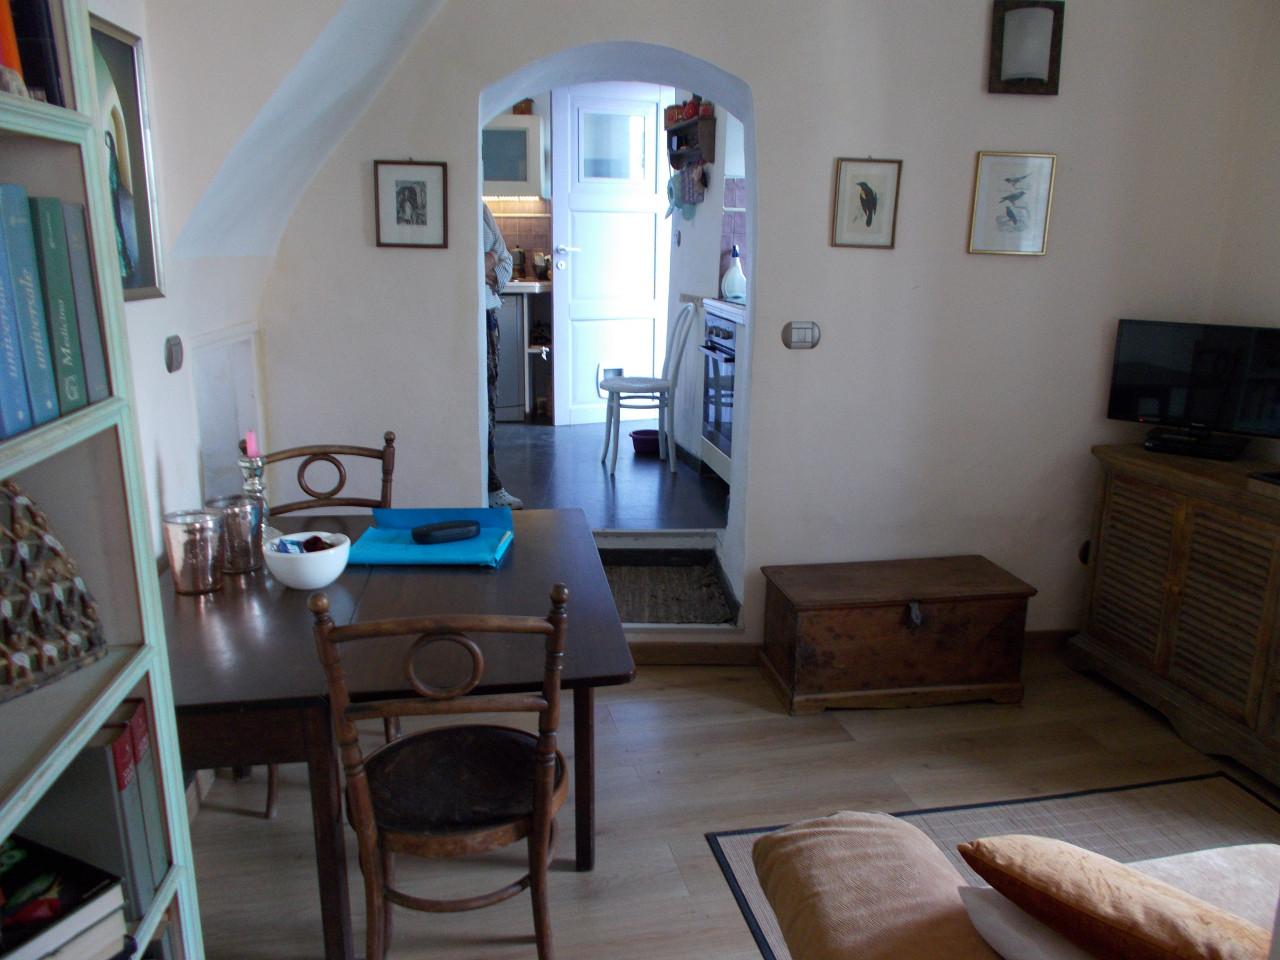 Sanremo, centrale, caratteristico bilocale in casa indipendente con spazio esterno